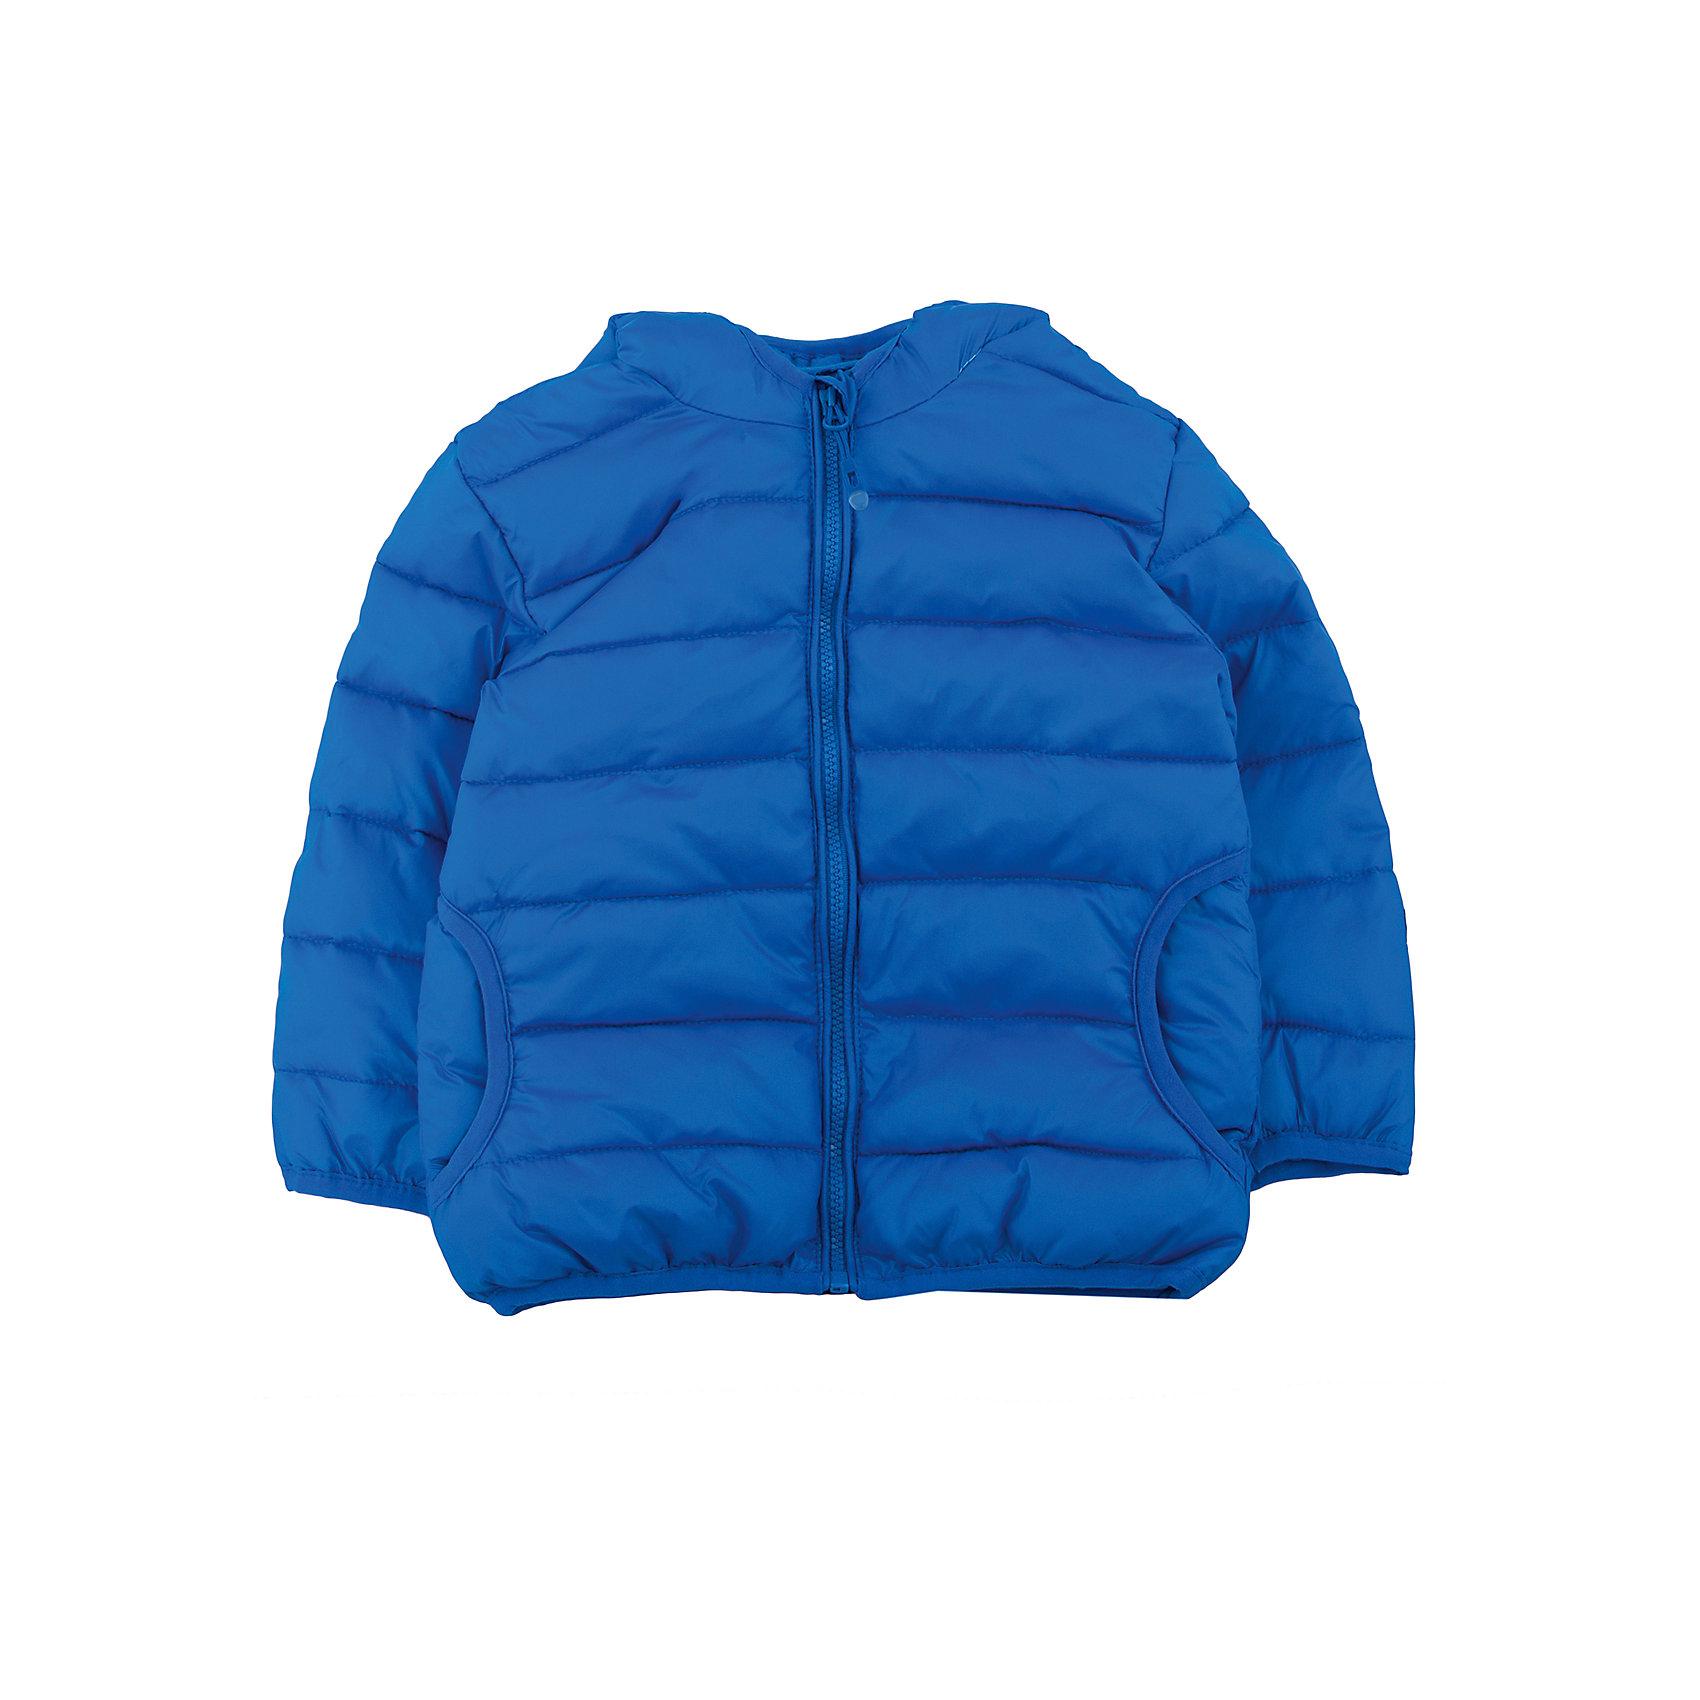 Куртка для мальчика PlayTodayКуртка для мальчика от известного бренда PlayToday.<br>Яркая стеганая куртка для мальчика. Внутри уютная хлопковая подкладка. Застегивается на молнию с защитой подбородка и фигурным пуллером. Капюшон, рукава и низ на мягкой резиночке.<br>Состав:<br>Верх: 100% нейлон, подкладка: 65% хлопок, 35% полиэстер, Утеплитель: 100% полиэстер, 120 г/м2<br><br>Ширина мм: 157<br>Глубина мм: 13<br>Высота мм: 119<br>Вес г: 200<br>Цвет: синий<br>Возраст от месяцев: 6<br>Возраст до месяцев: 9<br>Пол: Мужской<br>Возраст: Детский<br>Размер: 74,86,80,92<br>SKU: 4900359